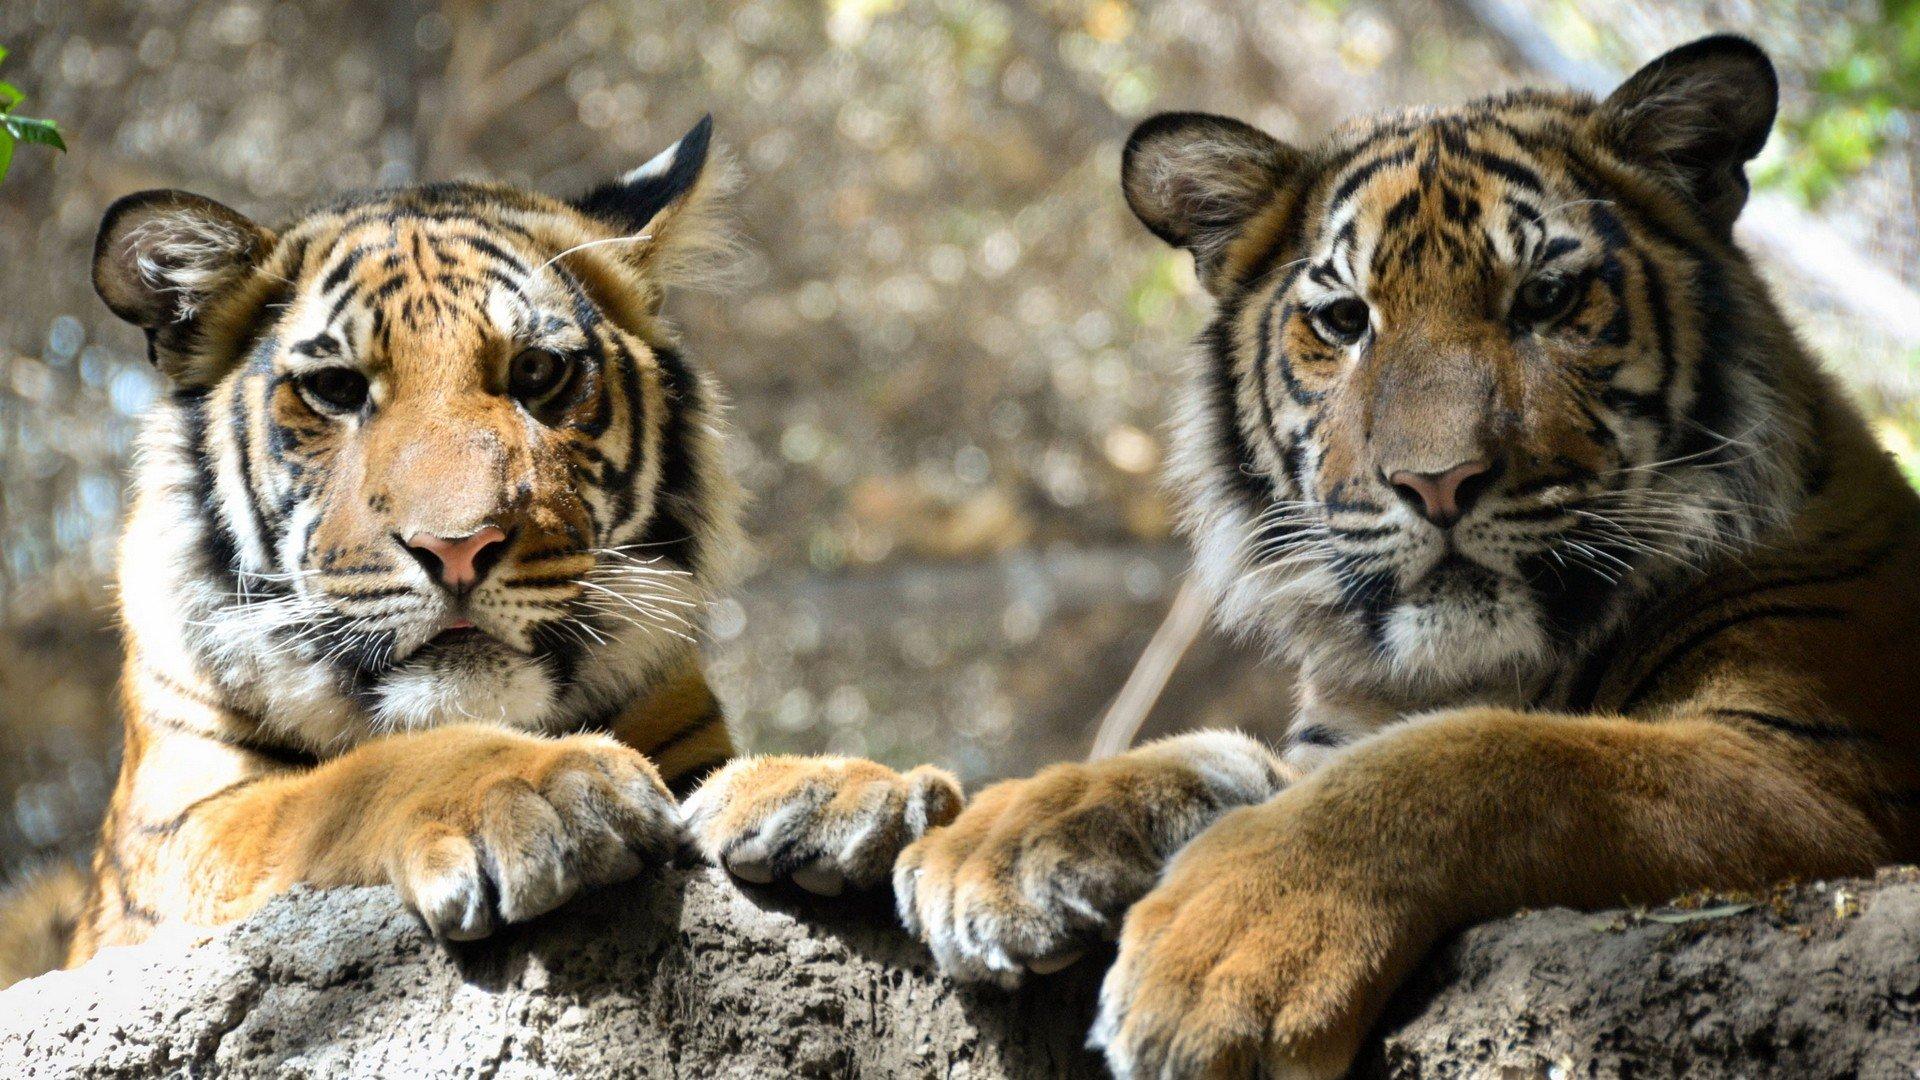 природа животные тигры  № 99215 загрузить